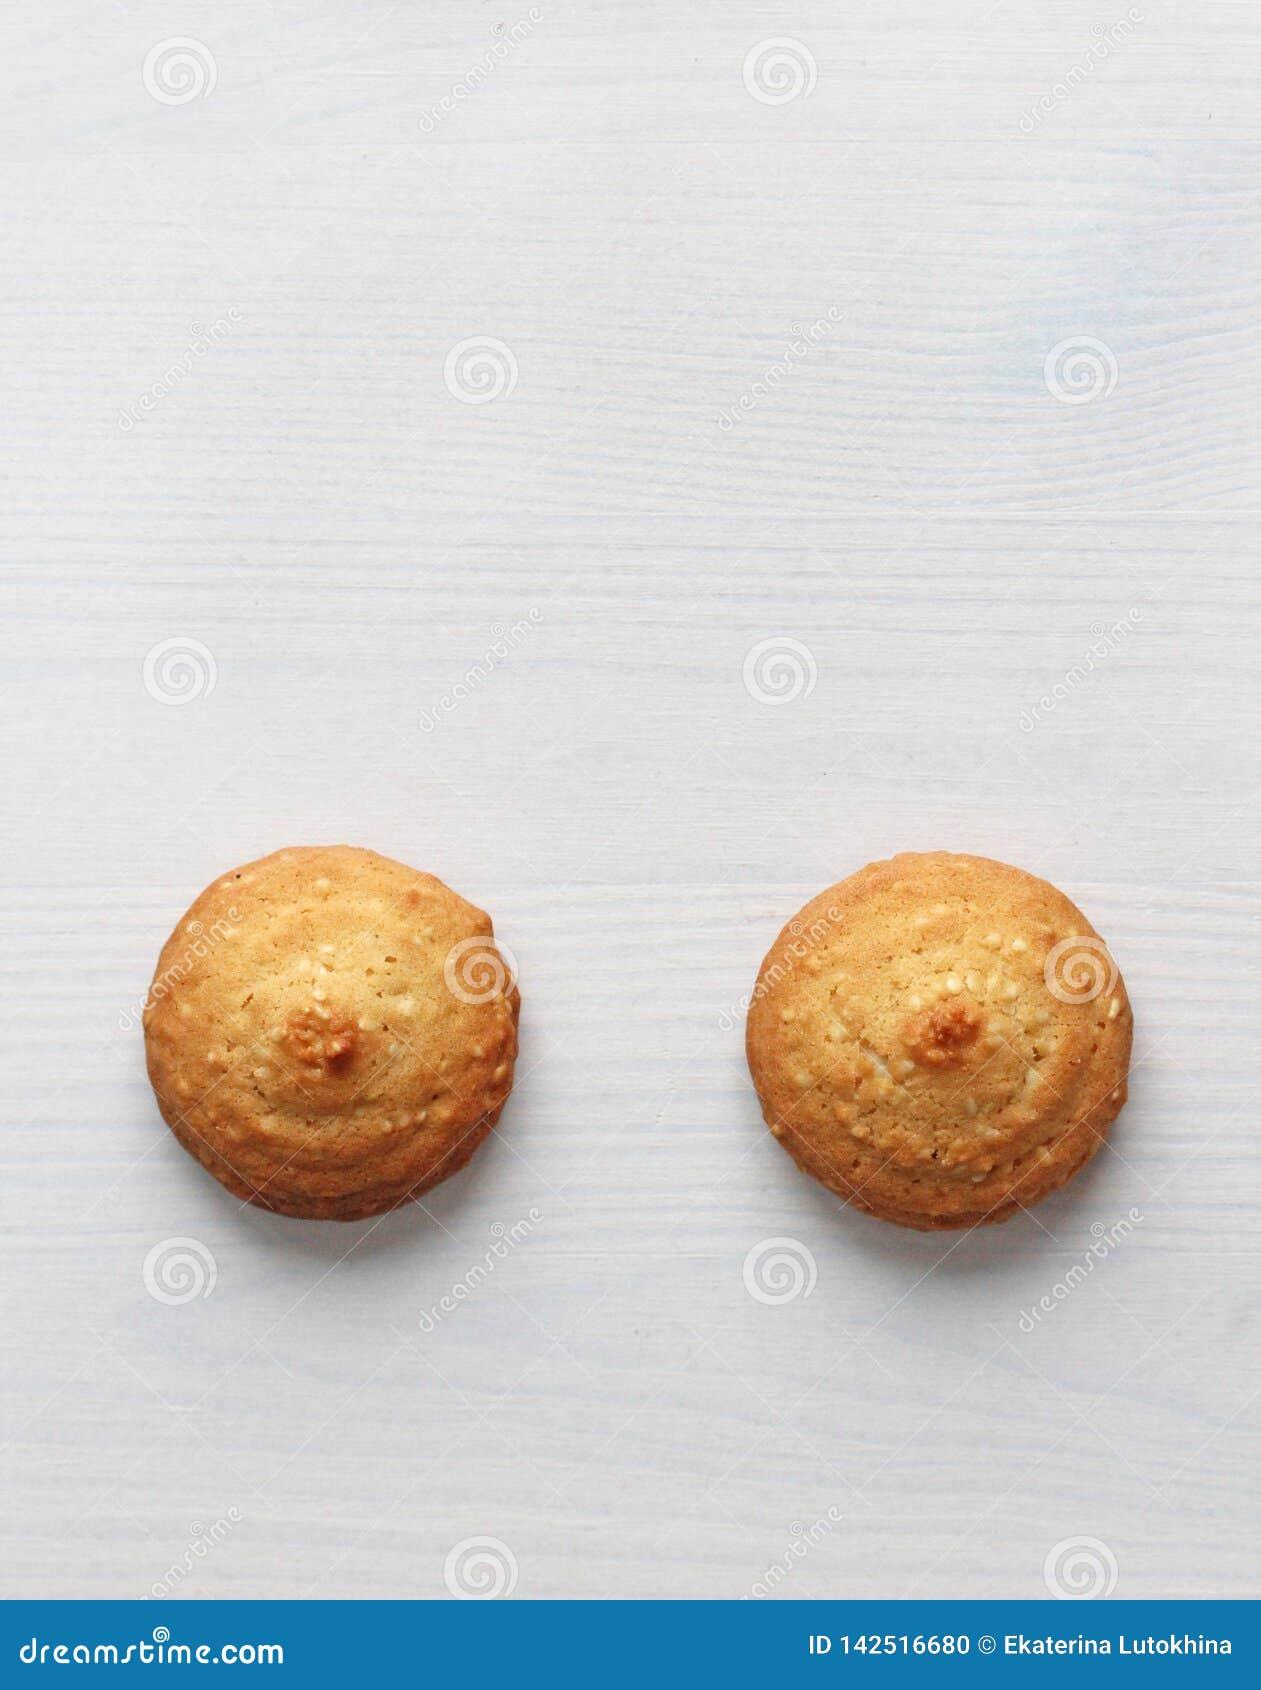 在白色背景的曲奇饼,相似与女性乳头 以曲奇饼的形式性感的乳头 幽默,双重意思